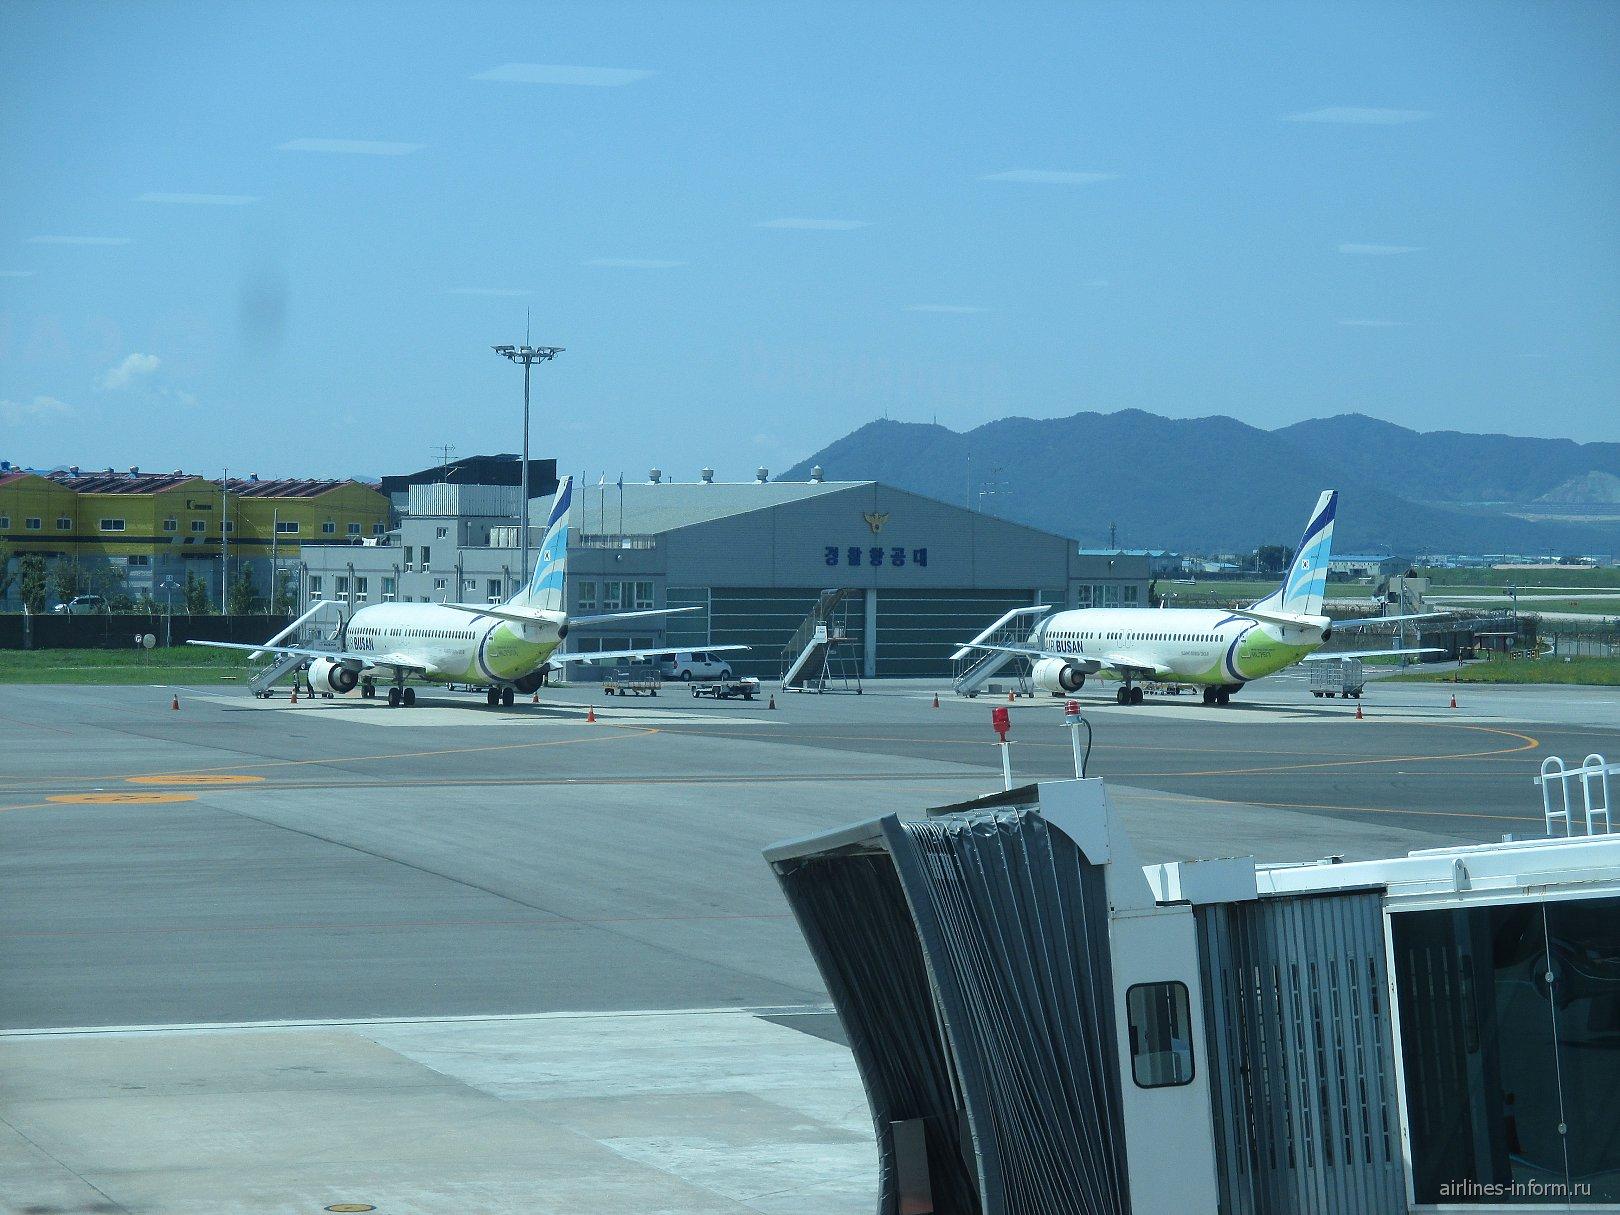 Станция технического обслуживания самолетов в аэропорту Пусан Гимхэ